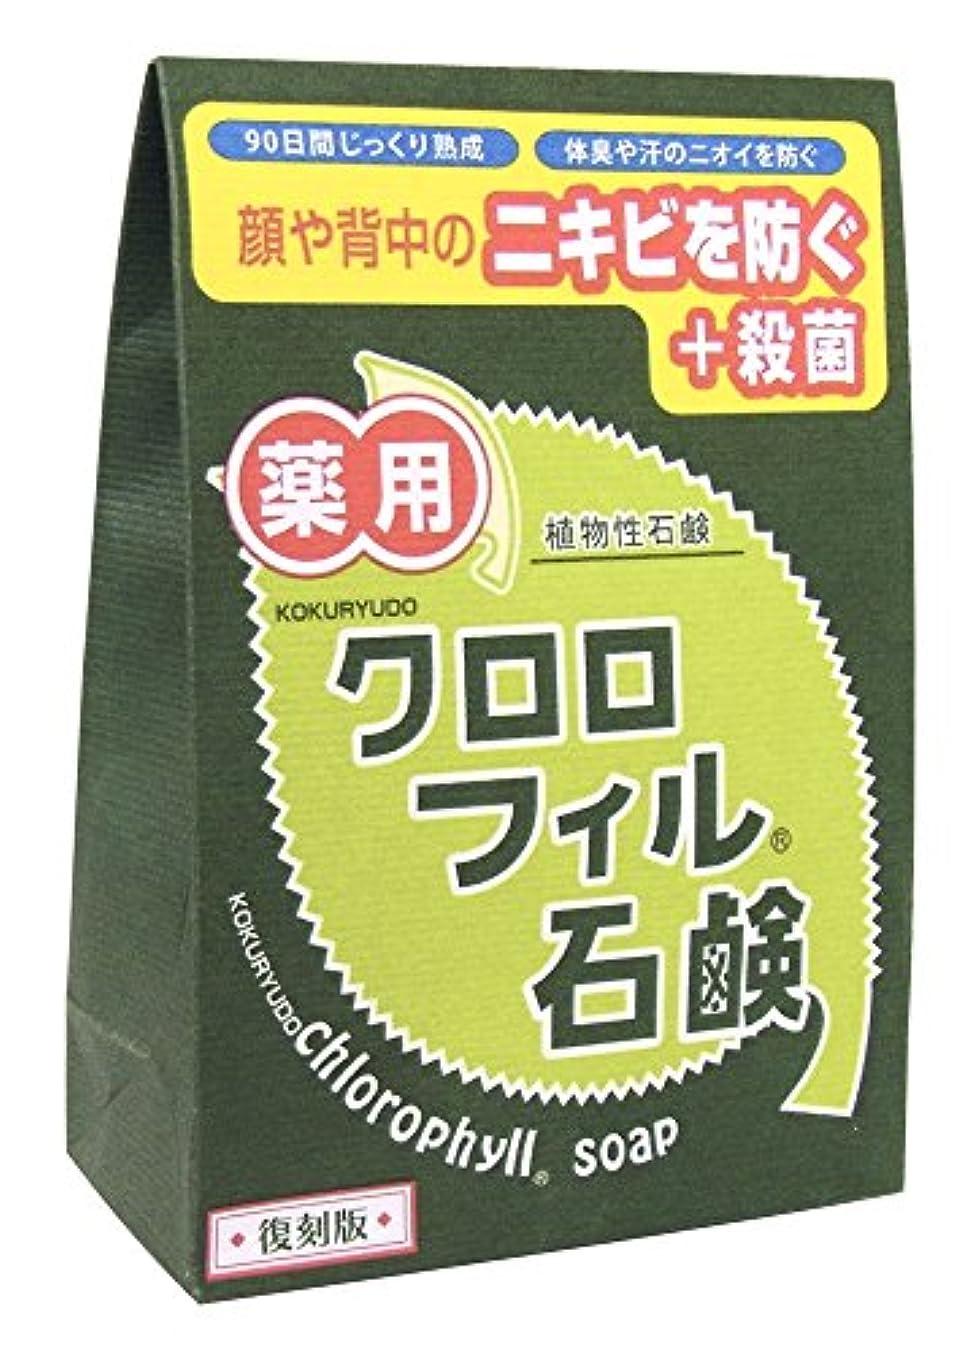 支援グレーブラウスクロロフィル石鹸 復刻版 85g (医薬部外品)